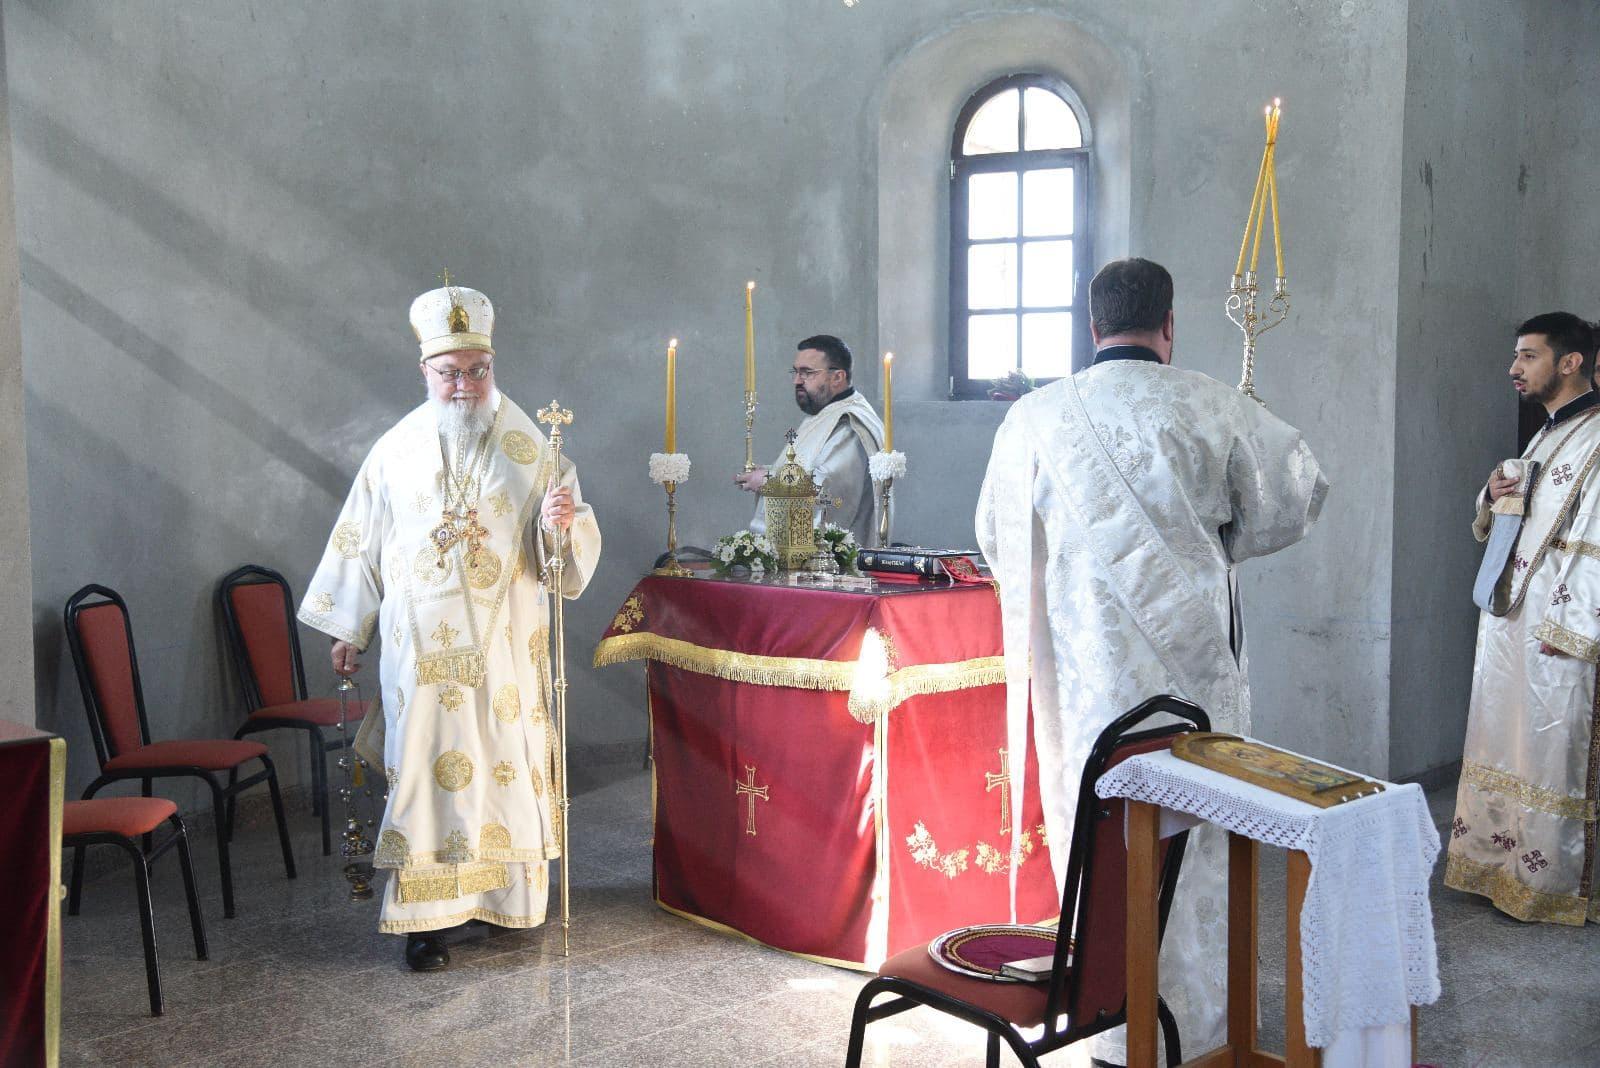 Slava crkve na kudeljarcu